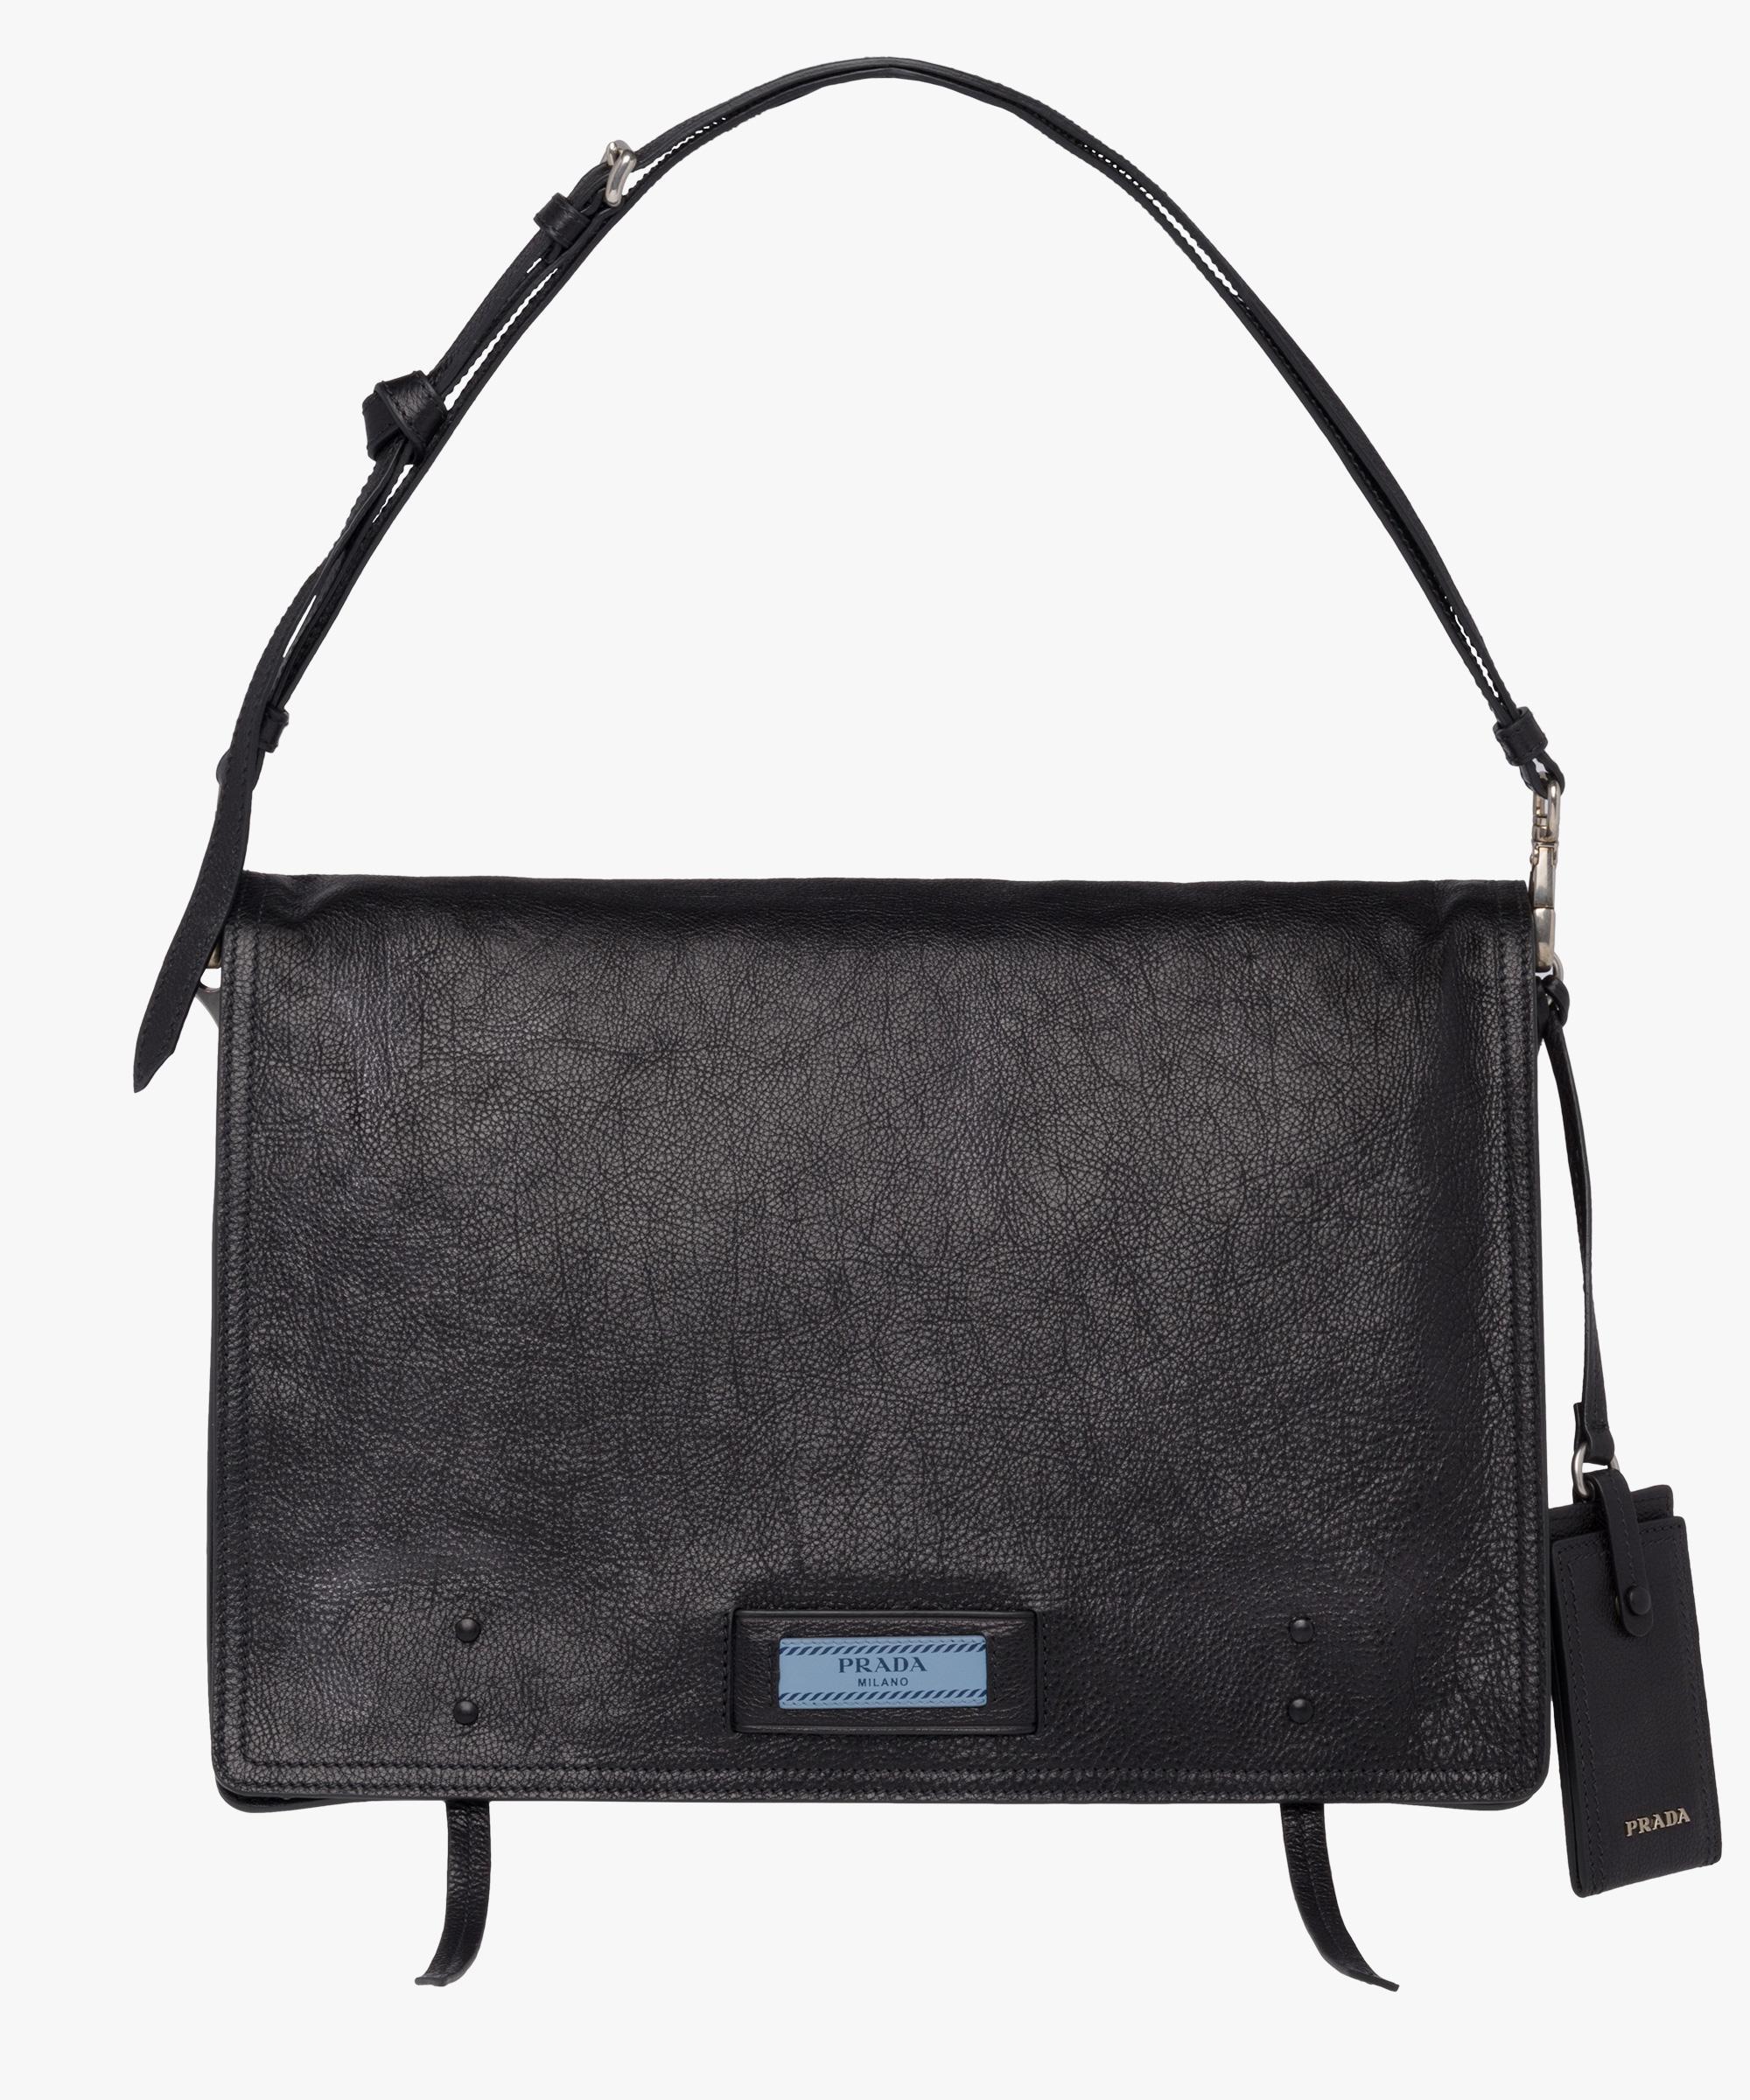 1d8405b3c2cb Prada Etiquette Bag in Black - Lyst